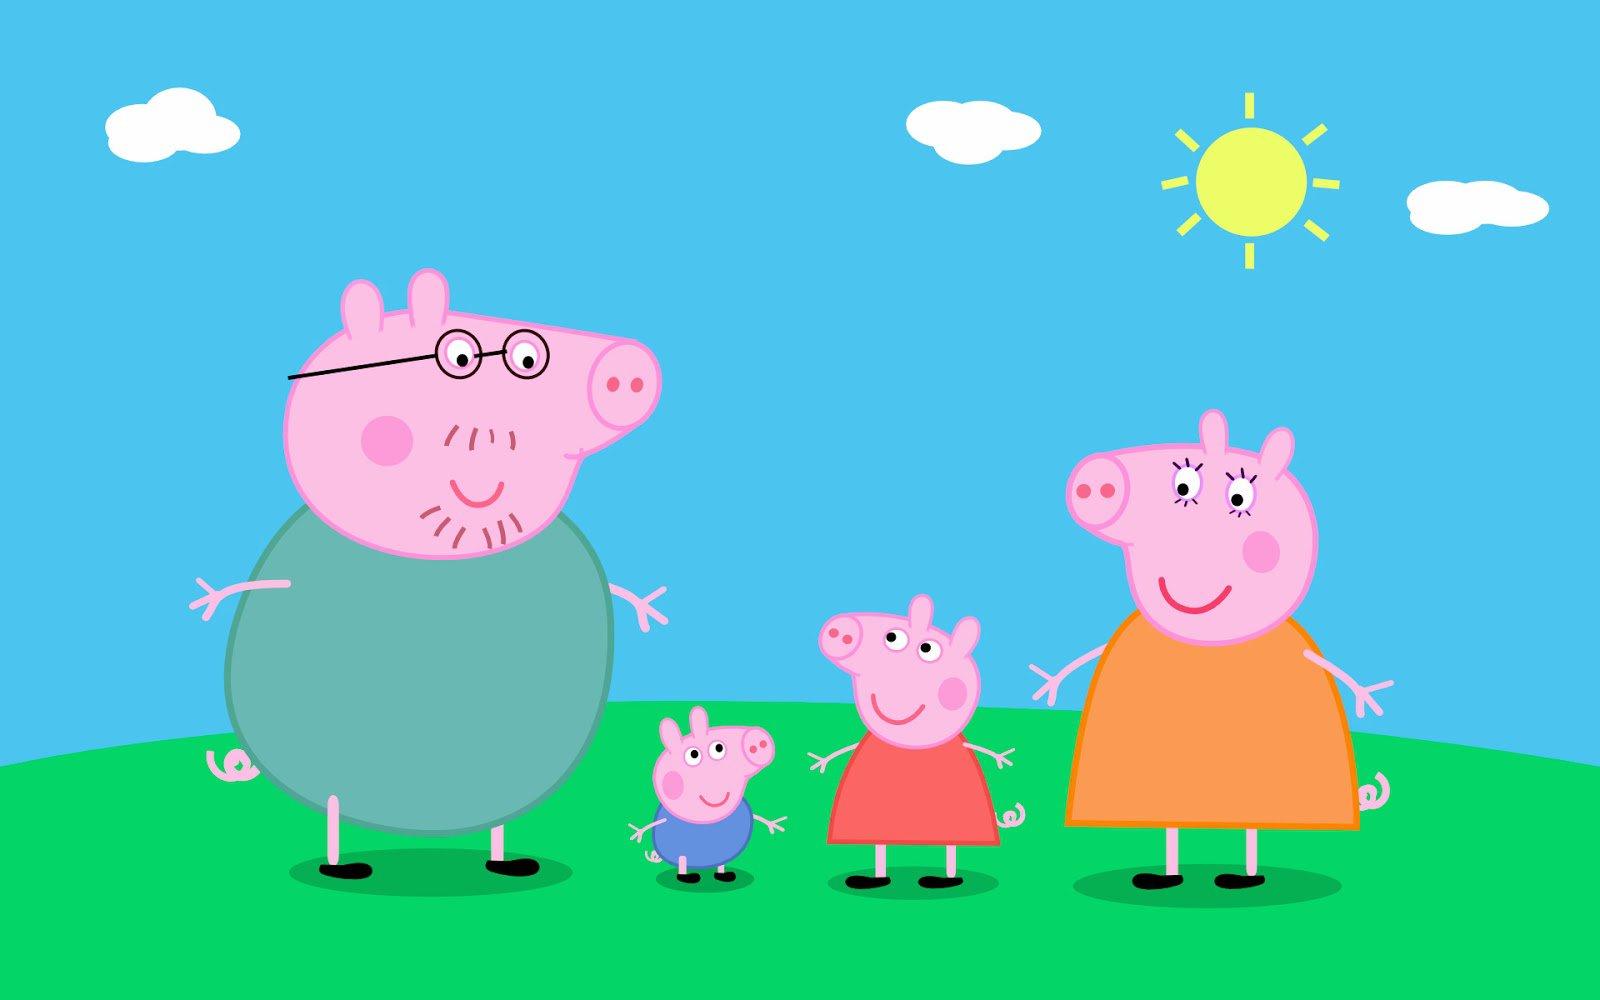 Motivos Porque As Crianças Gostam Tanto Do Desenho Da Peppa Pig